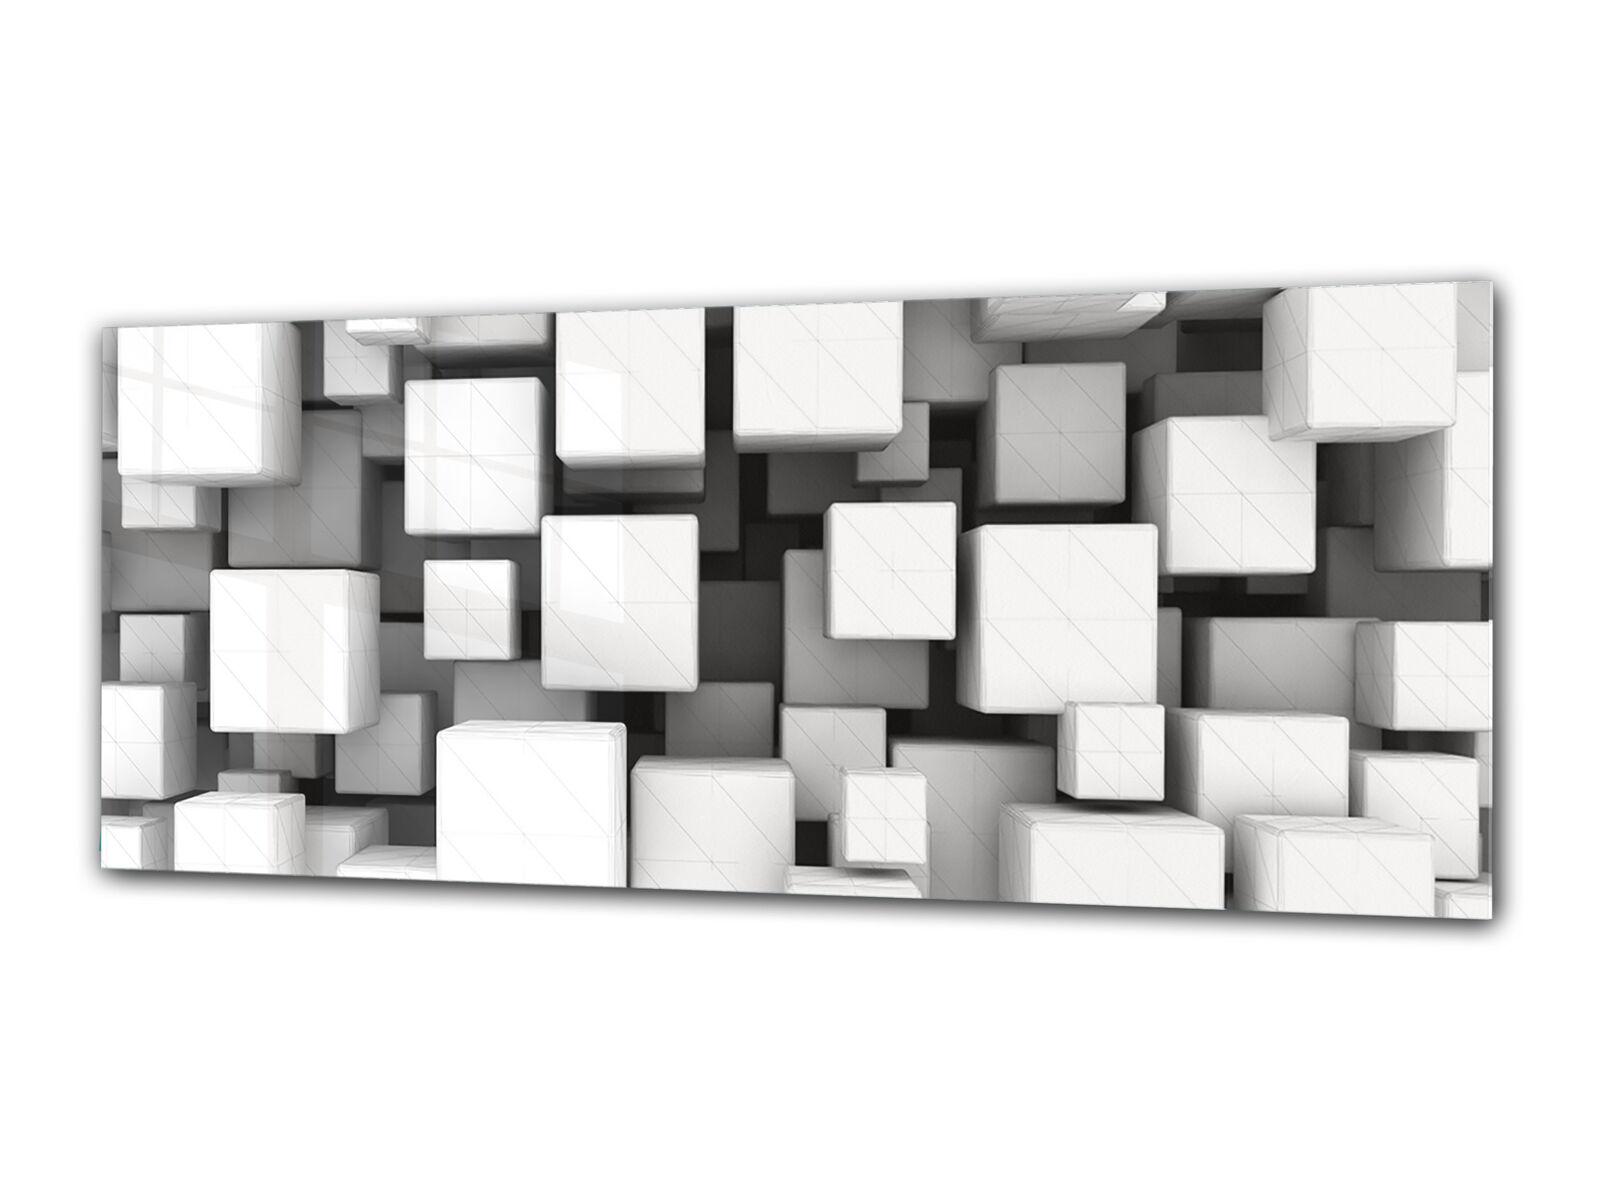 VETRO Stampa Wall Wall Wall Art 125x50 cm IMMAGINE SU VETRO Decorativo Muro Foto 53634916 6148d5